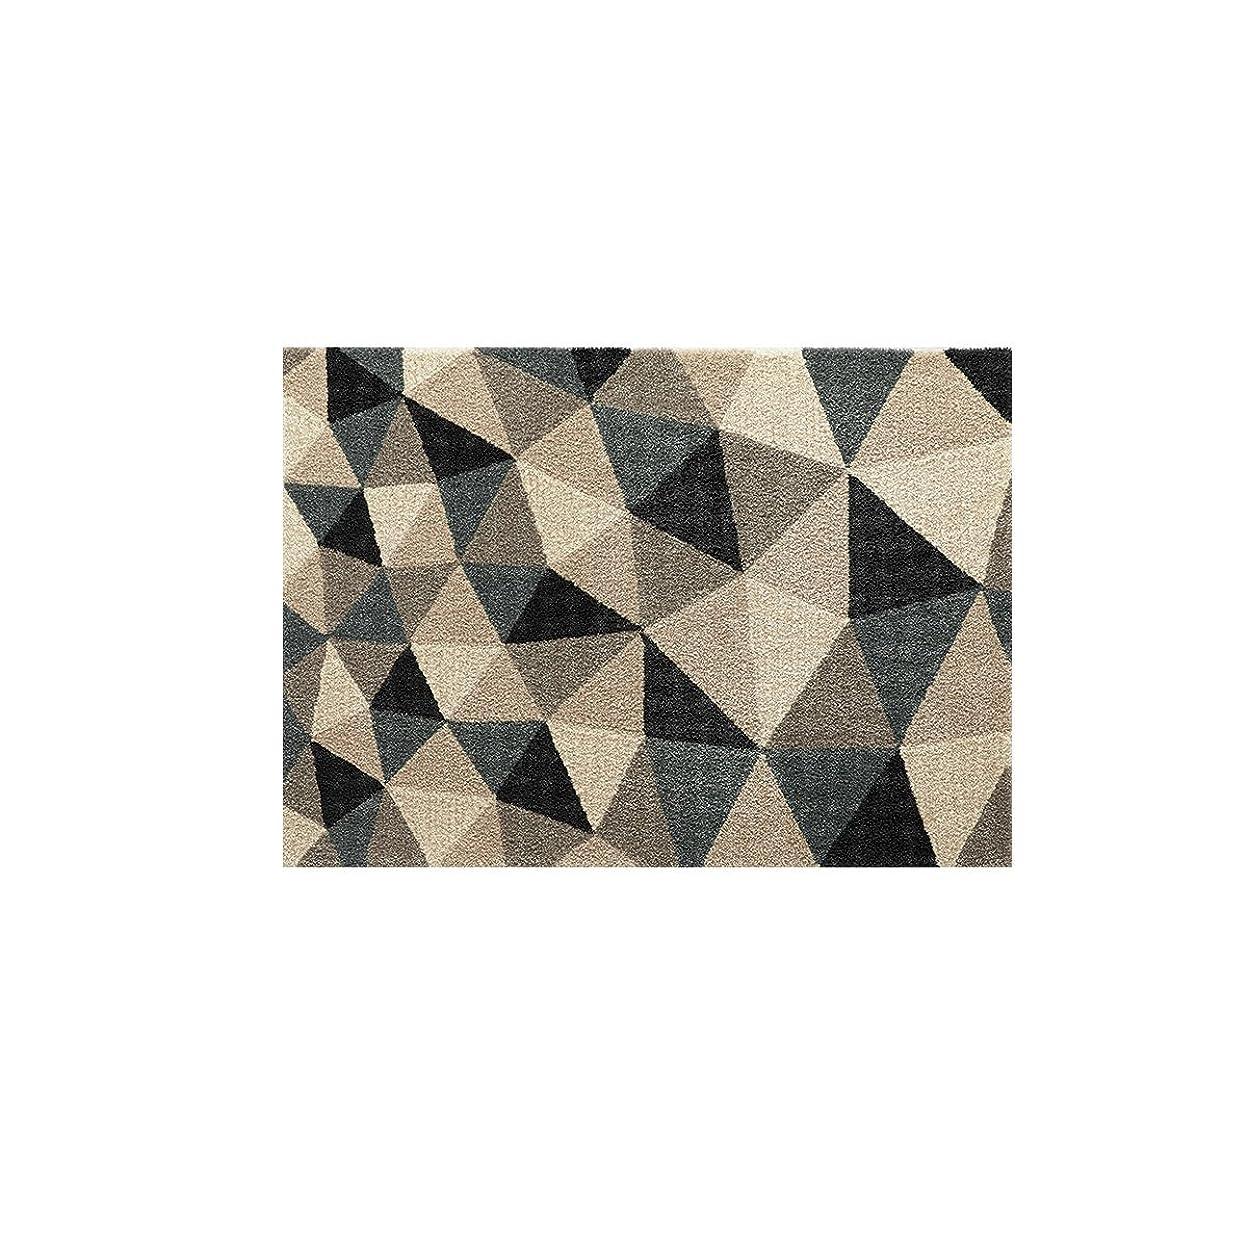 不一致相談洞察力ブラック/ラグマット 幾何パターン 三角形 モダン 上品 気品 落ち着き クール かっこいい 品性 ラグ